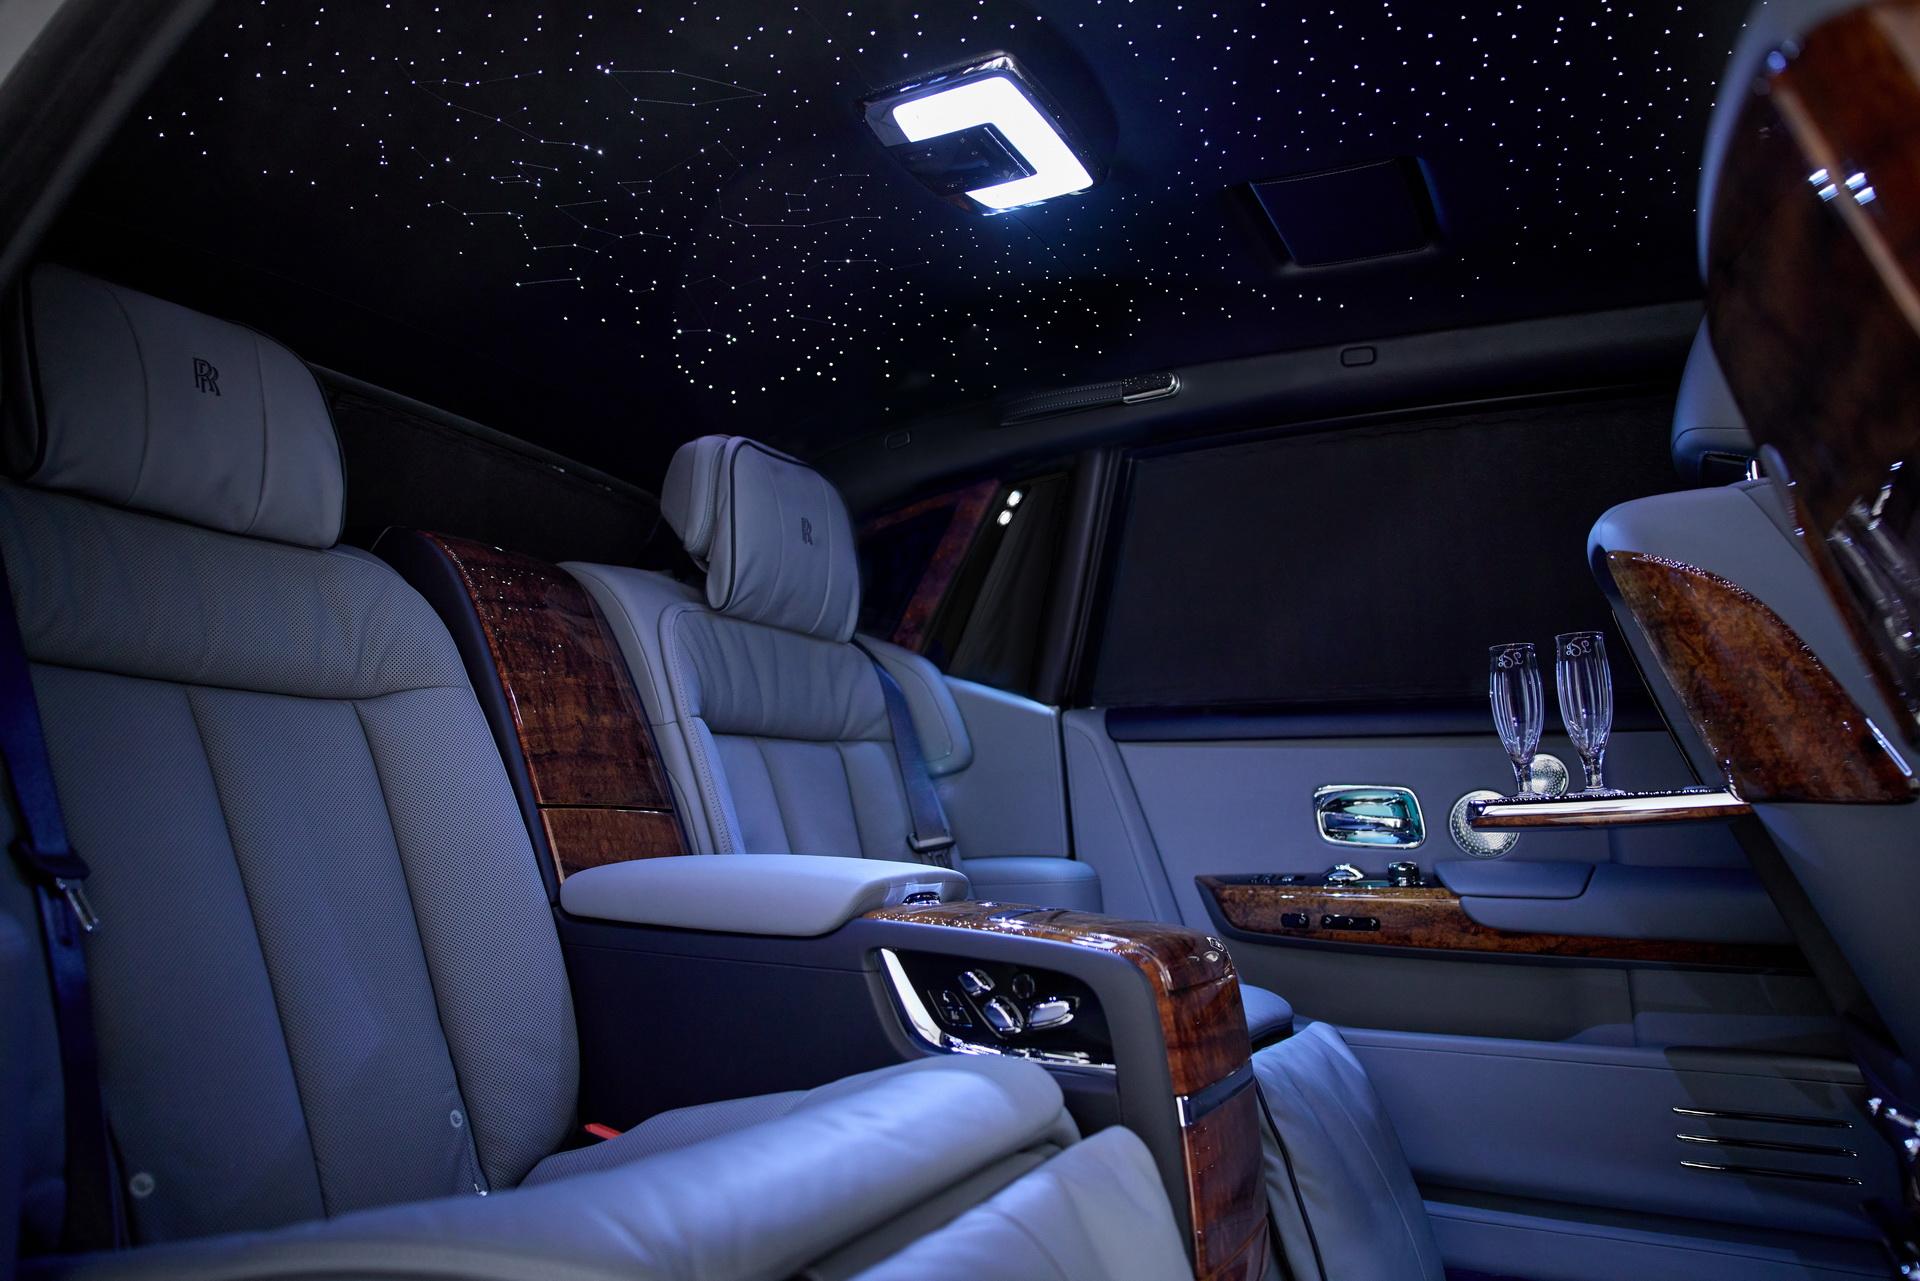 Rolls-Royce Koa Phantom 2021: Mất 3 năm để sản xuất với loại gỗ cực hiếm 2021-rolls-royce-koa-phantom-7.jpg